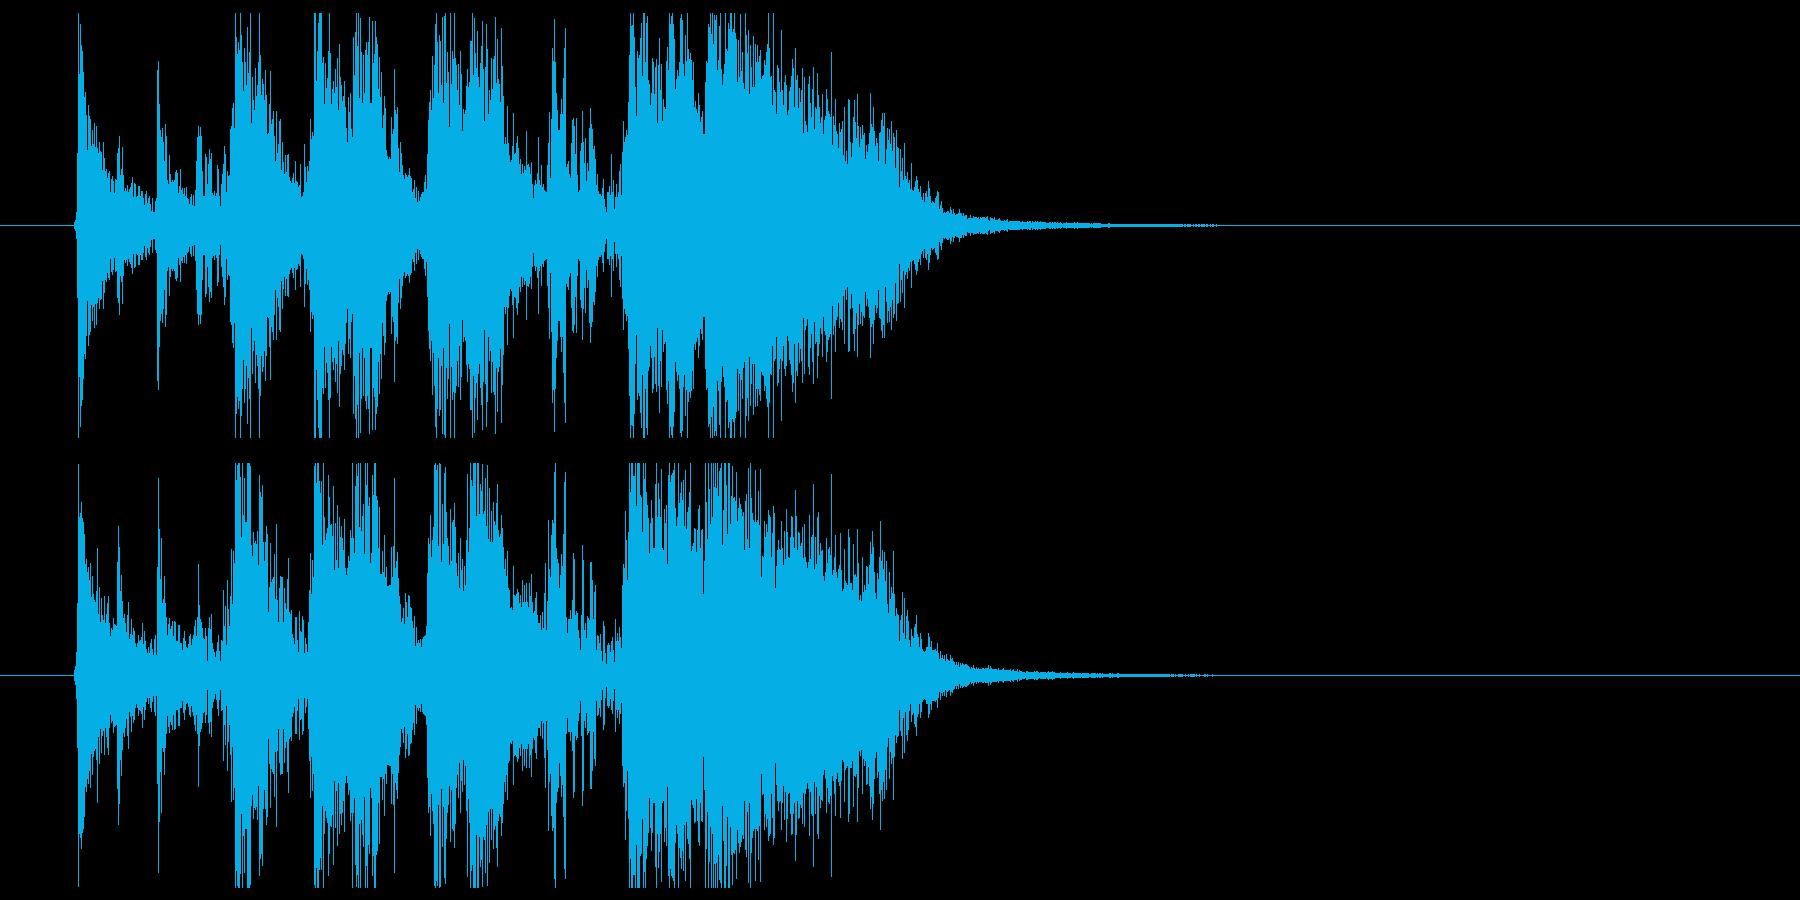 ファンキーなブラスのアイキャッチジングルの再生済みの波形